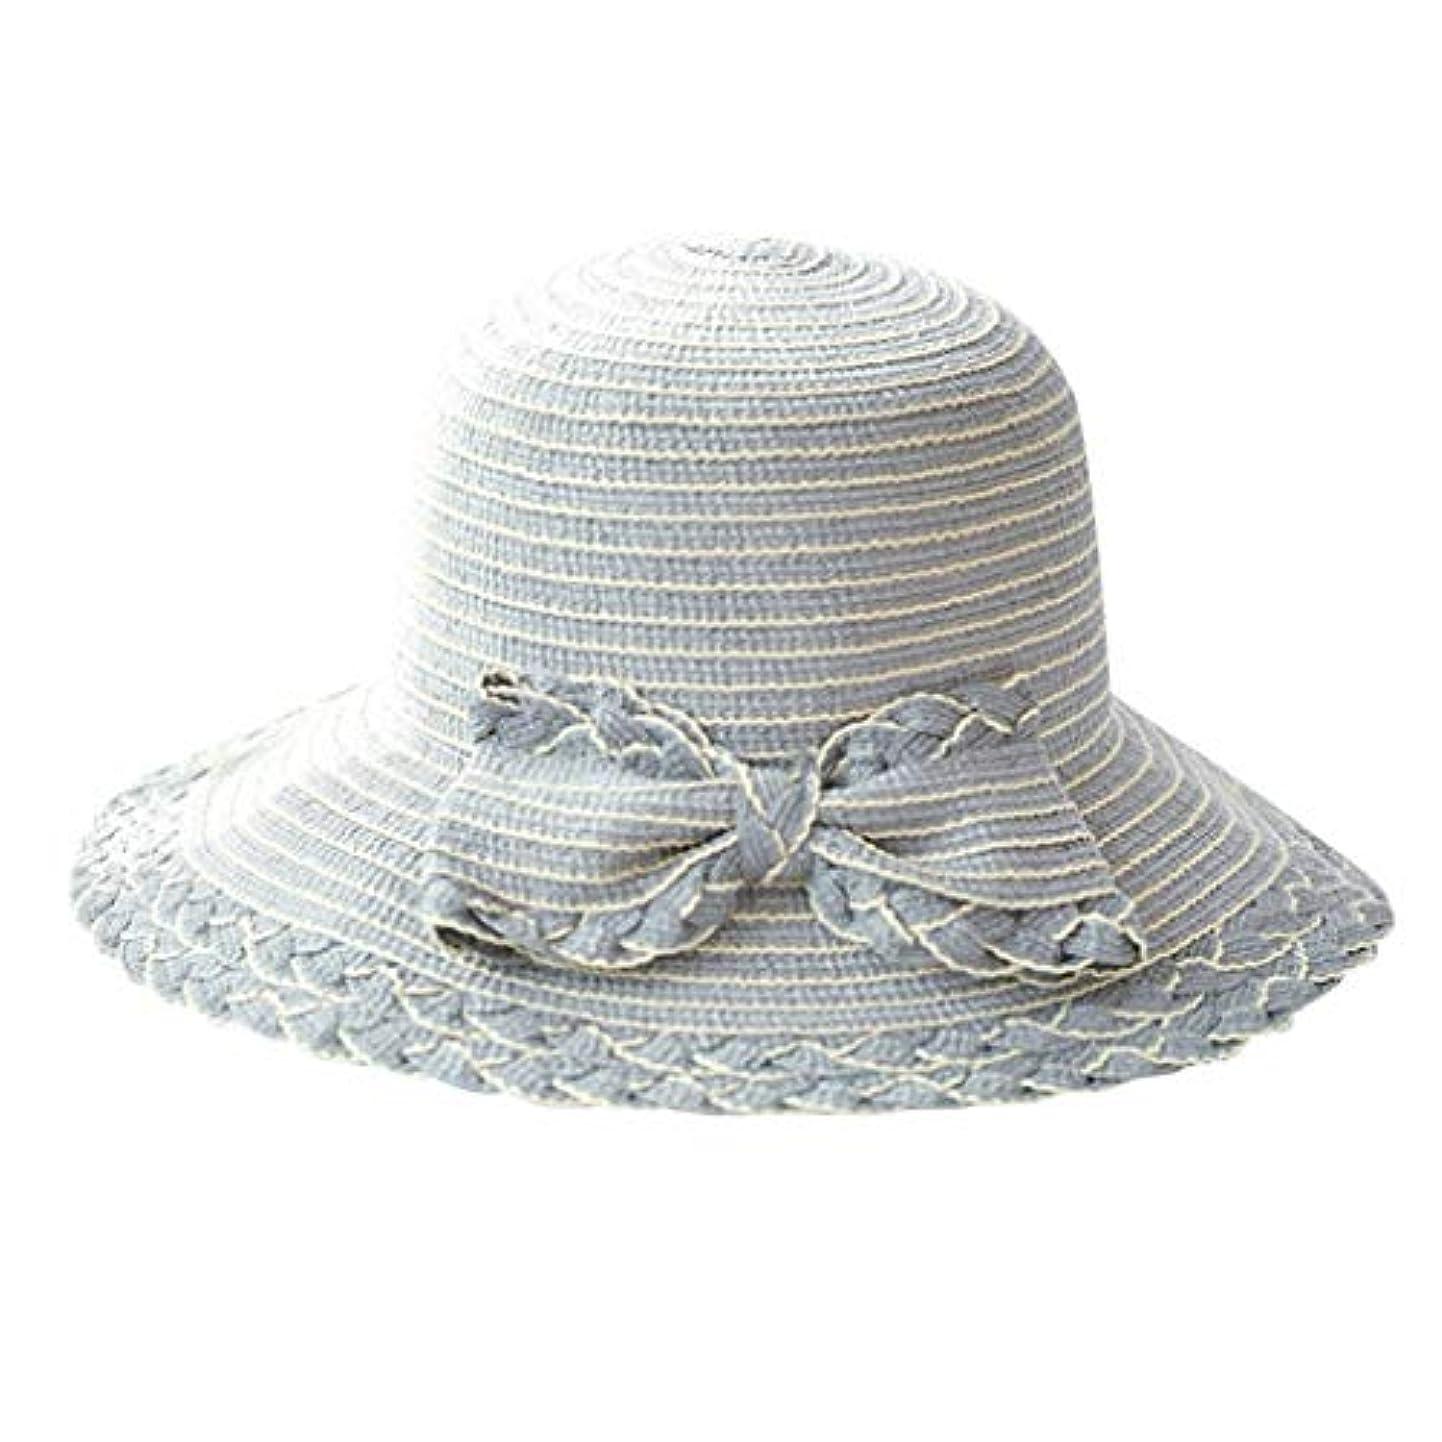 絶えずトランジスタ憂慮すべき夏 帽子 レディース UVカット 帽子 ハット レディース 日よけ 夏季 女優帽 日よけ 日焼け 折りたたみ 持ち運び つば広 吸汗通気 ハット レディース 紫外線対策 小顔効果 ワイヤー入る ハット ROSE ROMAN